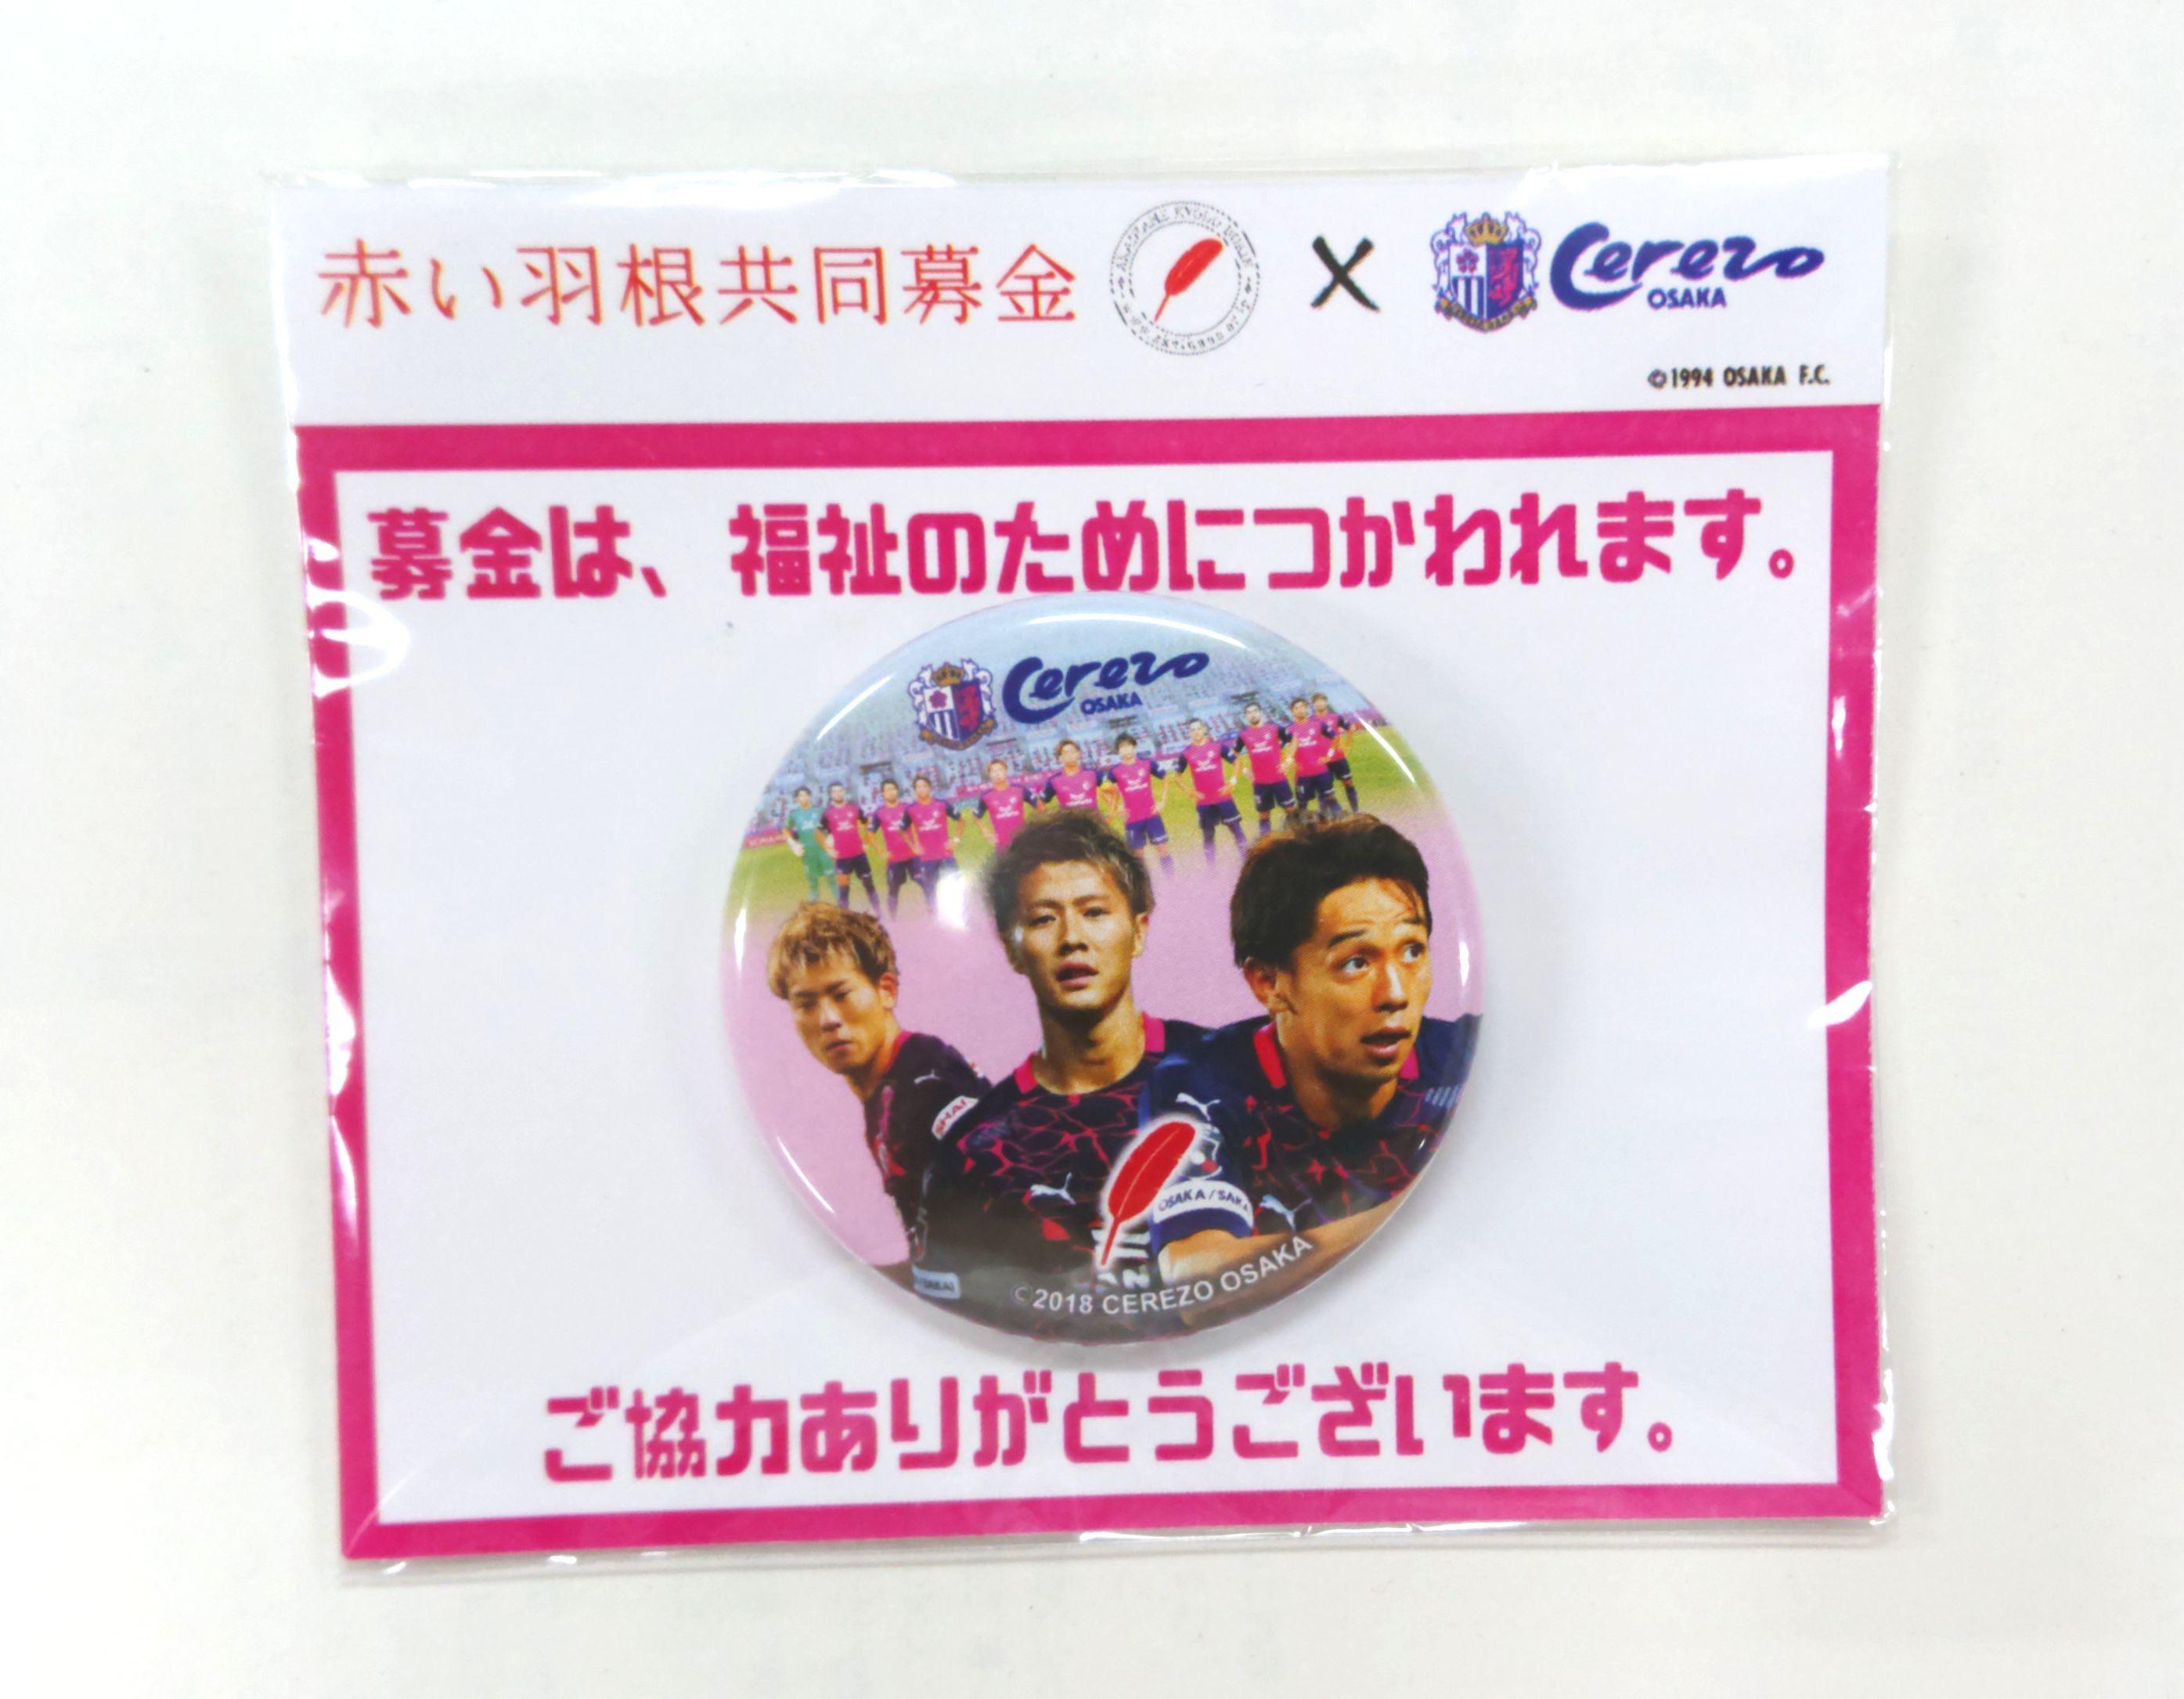 セレッソ大阪vsサンフレッチェ広島戦での募金活動を行いました!